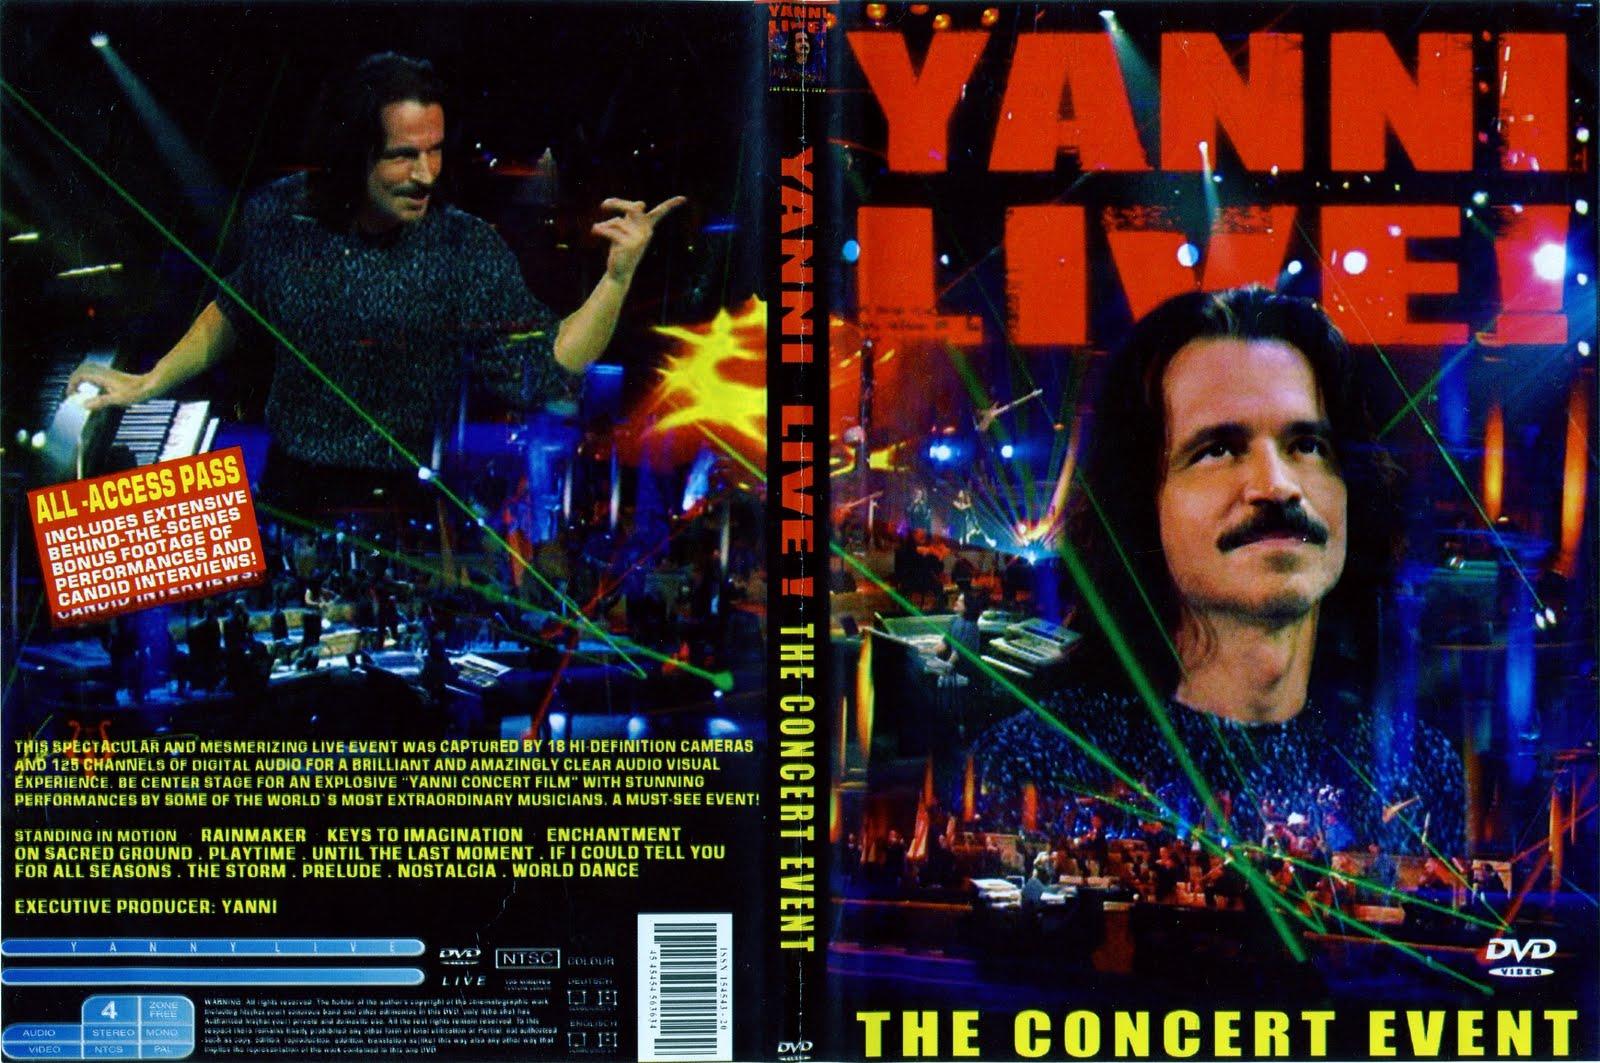 62a62d64564a644 62d641644629 yanni live concert